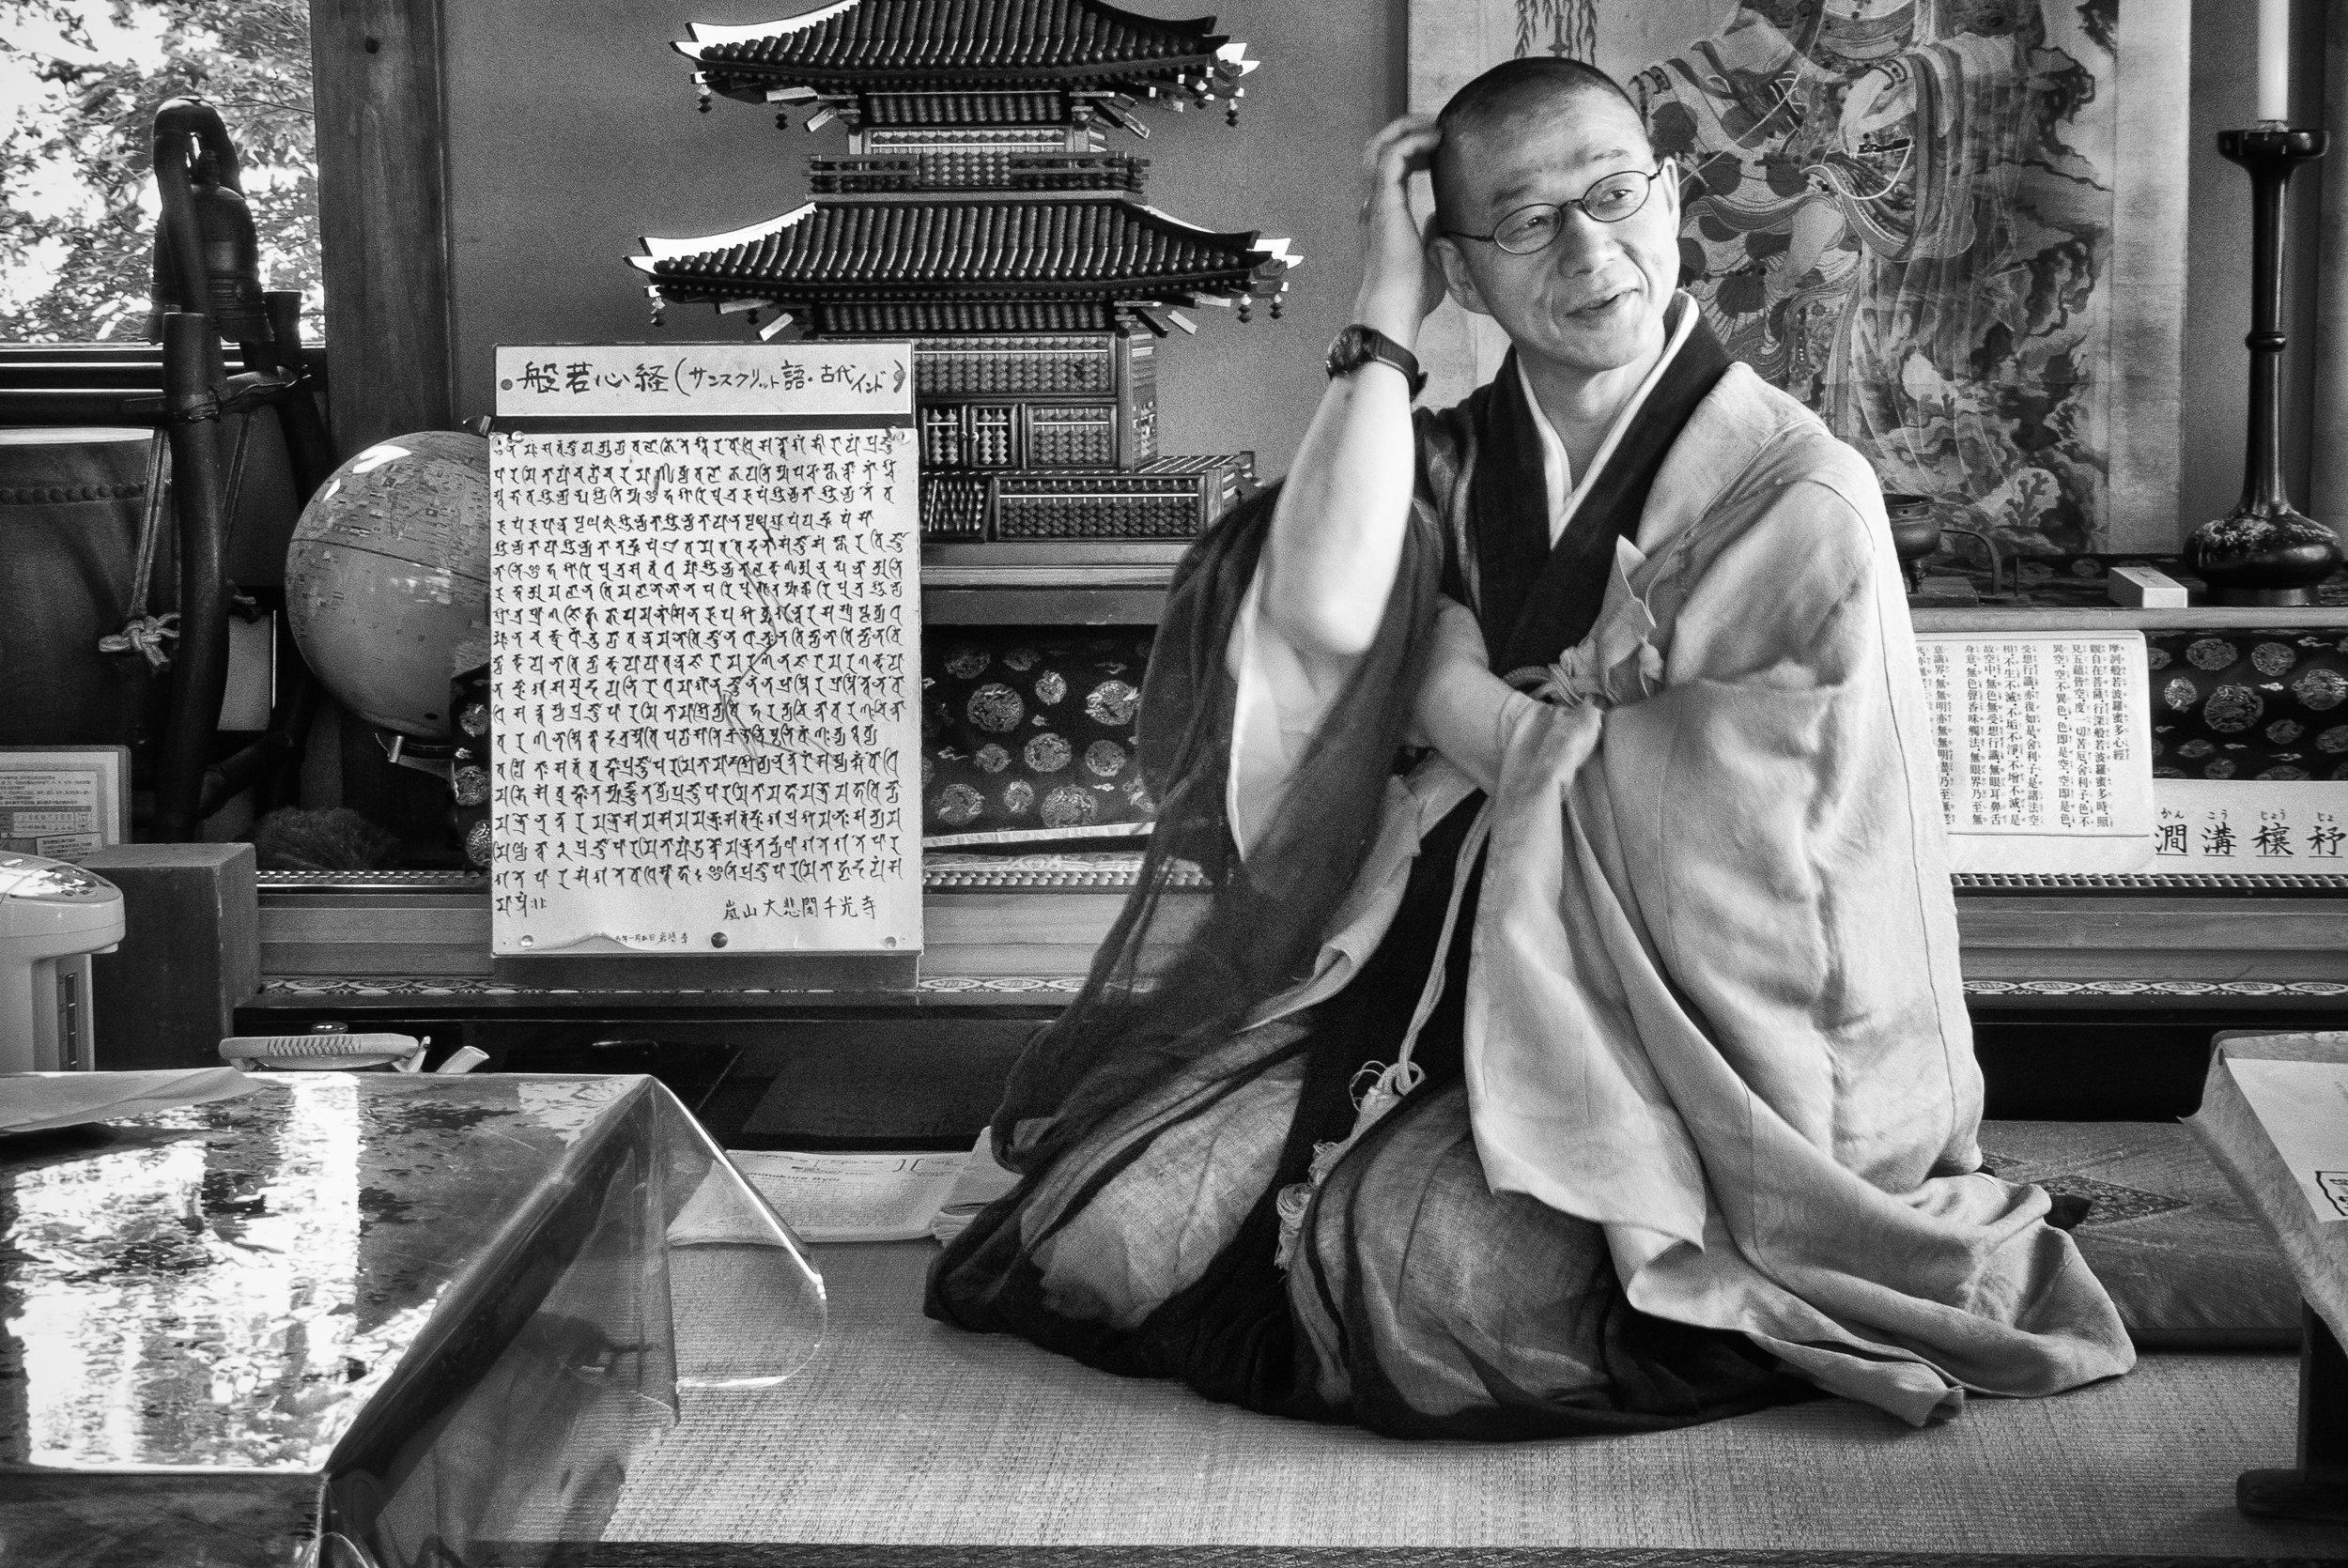 Monk in Japan